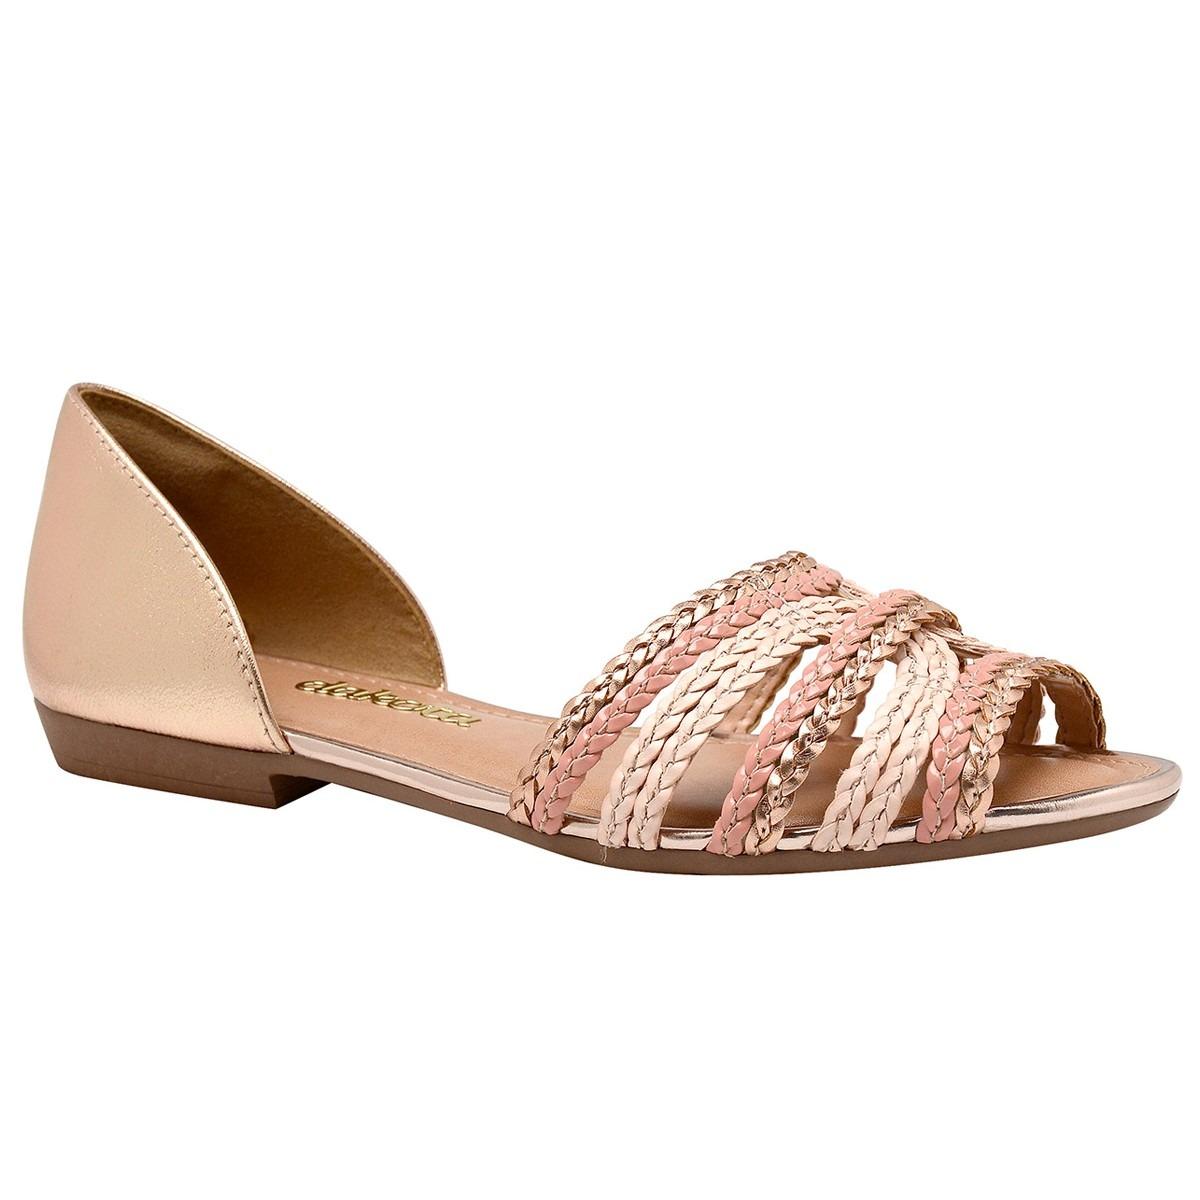 f1da6bcfc0 sandália feminina rosê nude dakota tiras trançada. Carregando zoom.